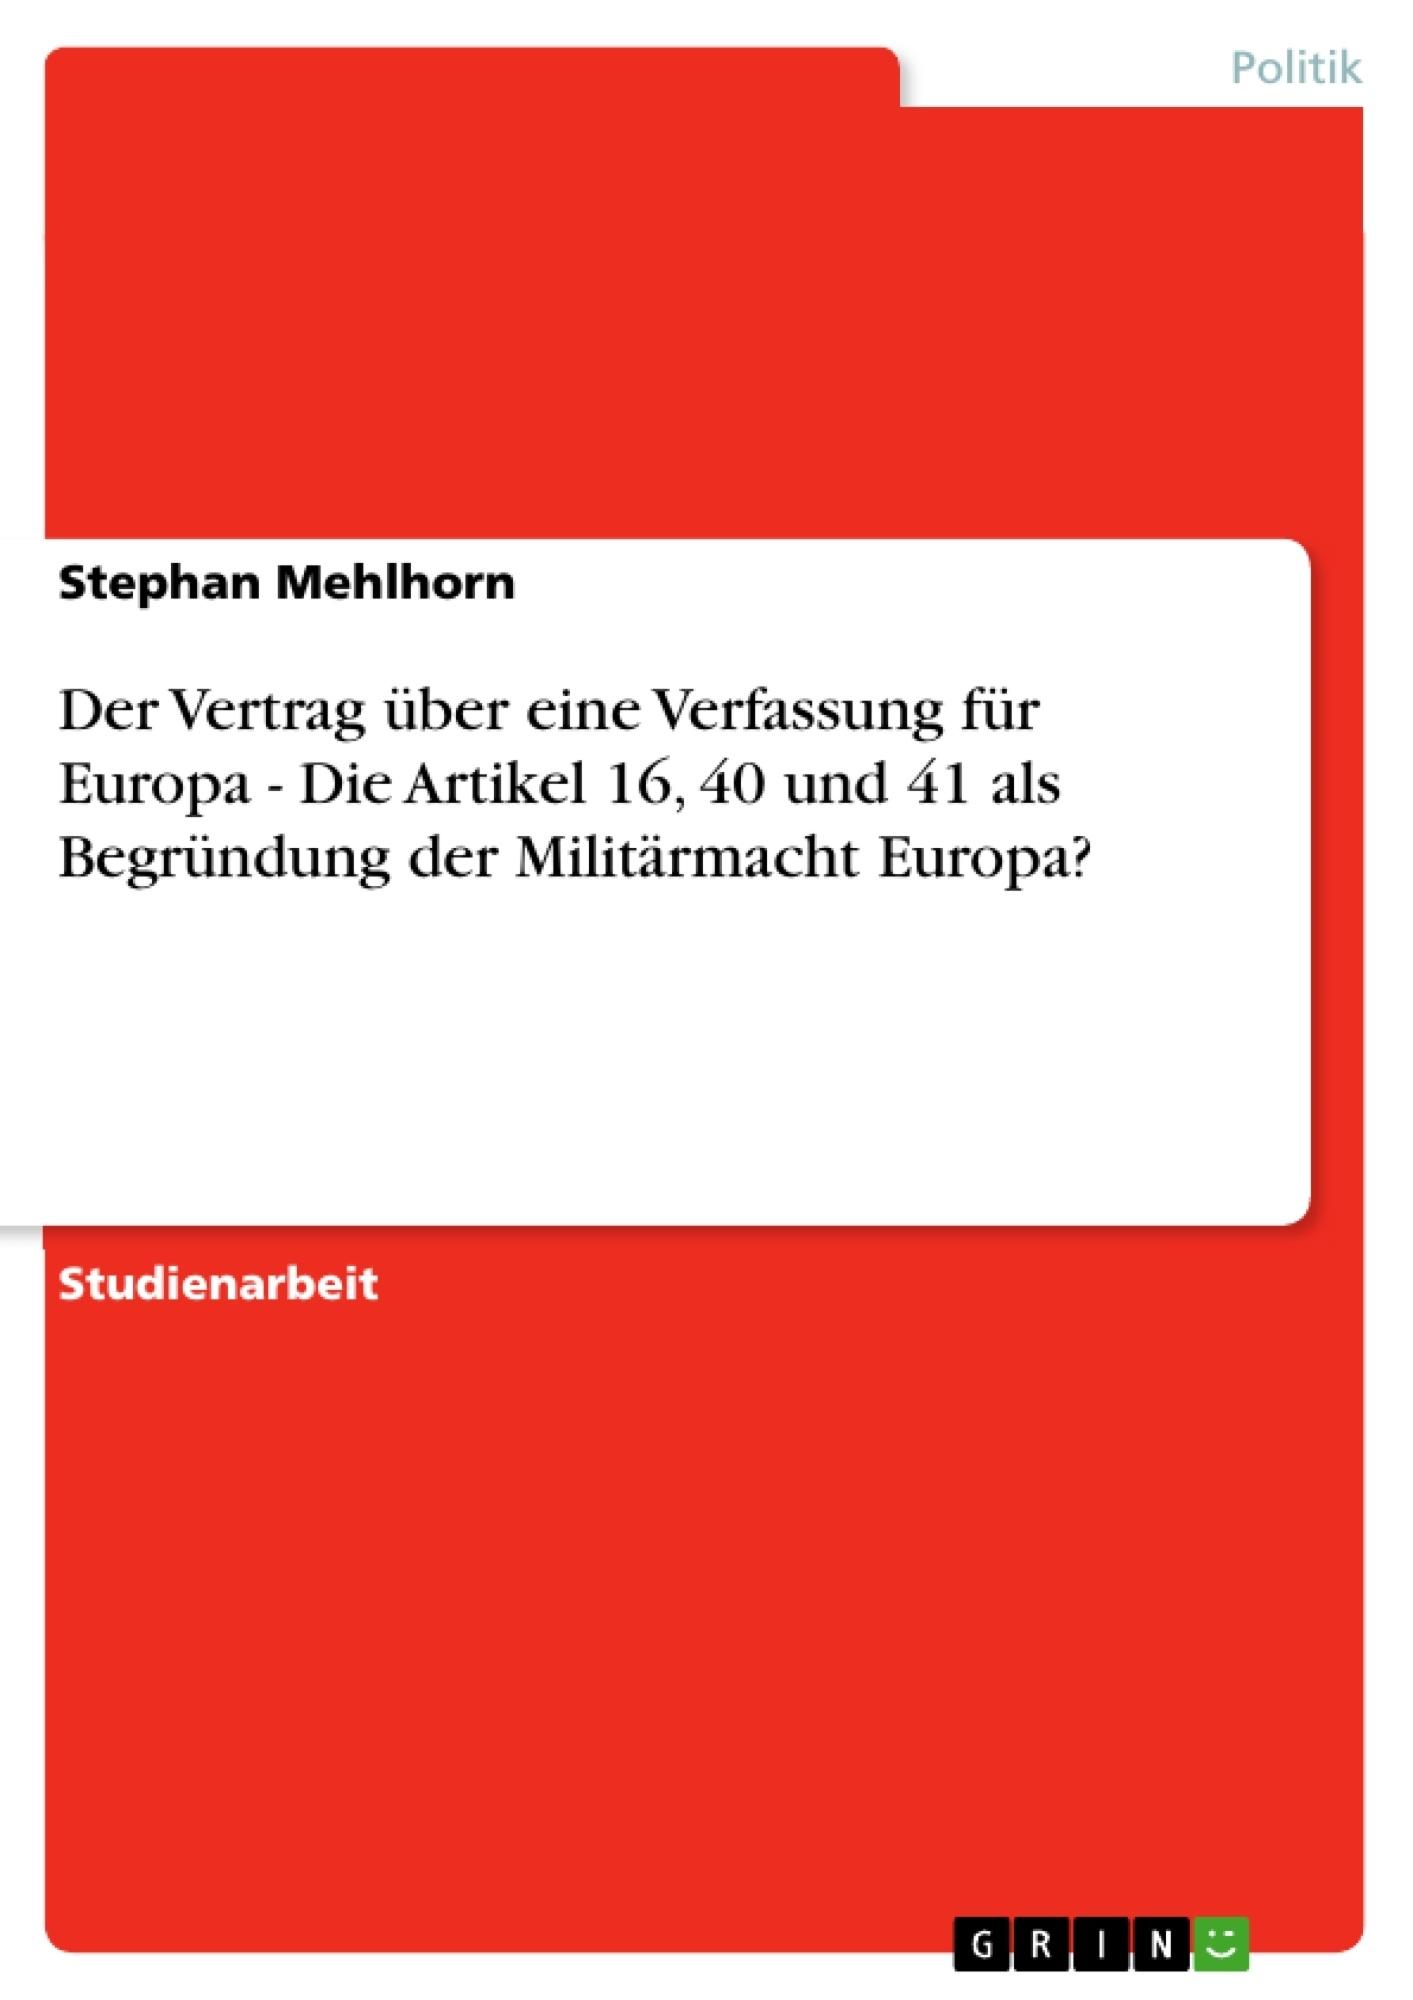 Titel: Der Vertrag über eine Verfassung für Europa - Die Artikel 16, 40 und 41 als Begründung der Militärmacht Europa?